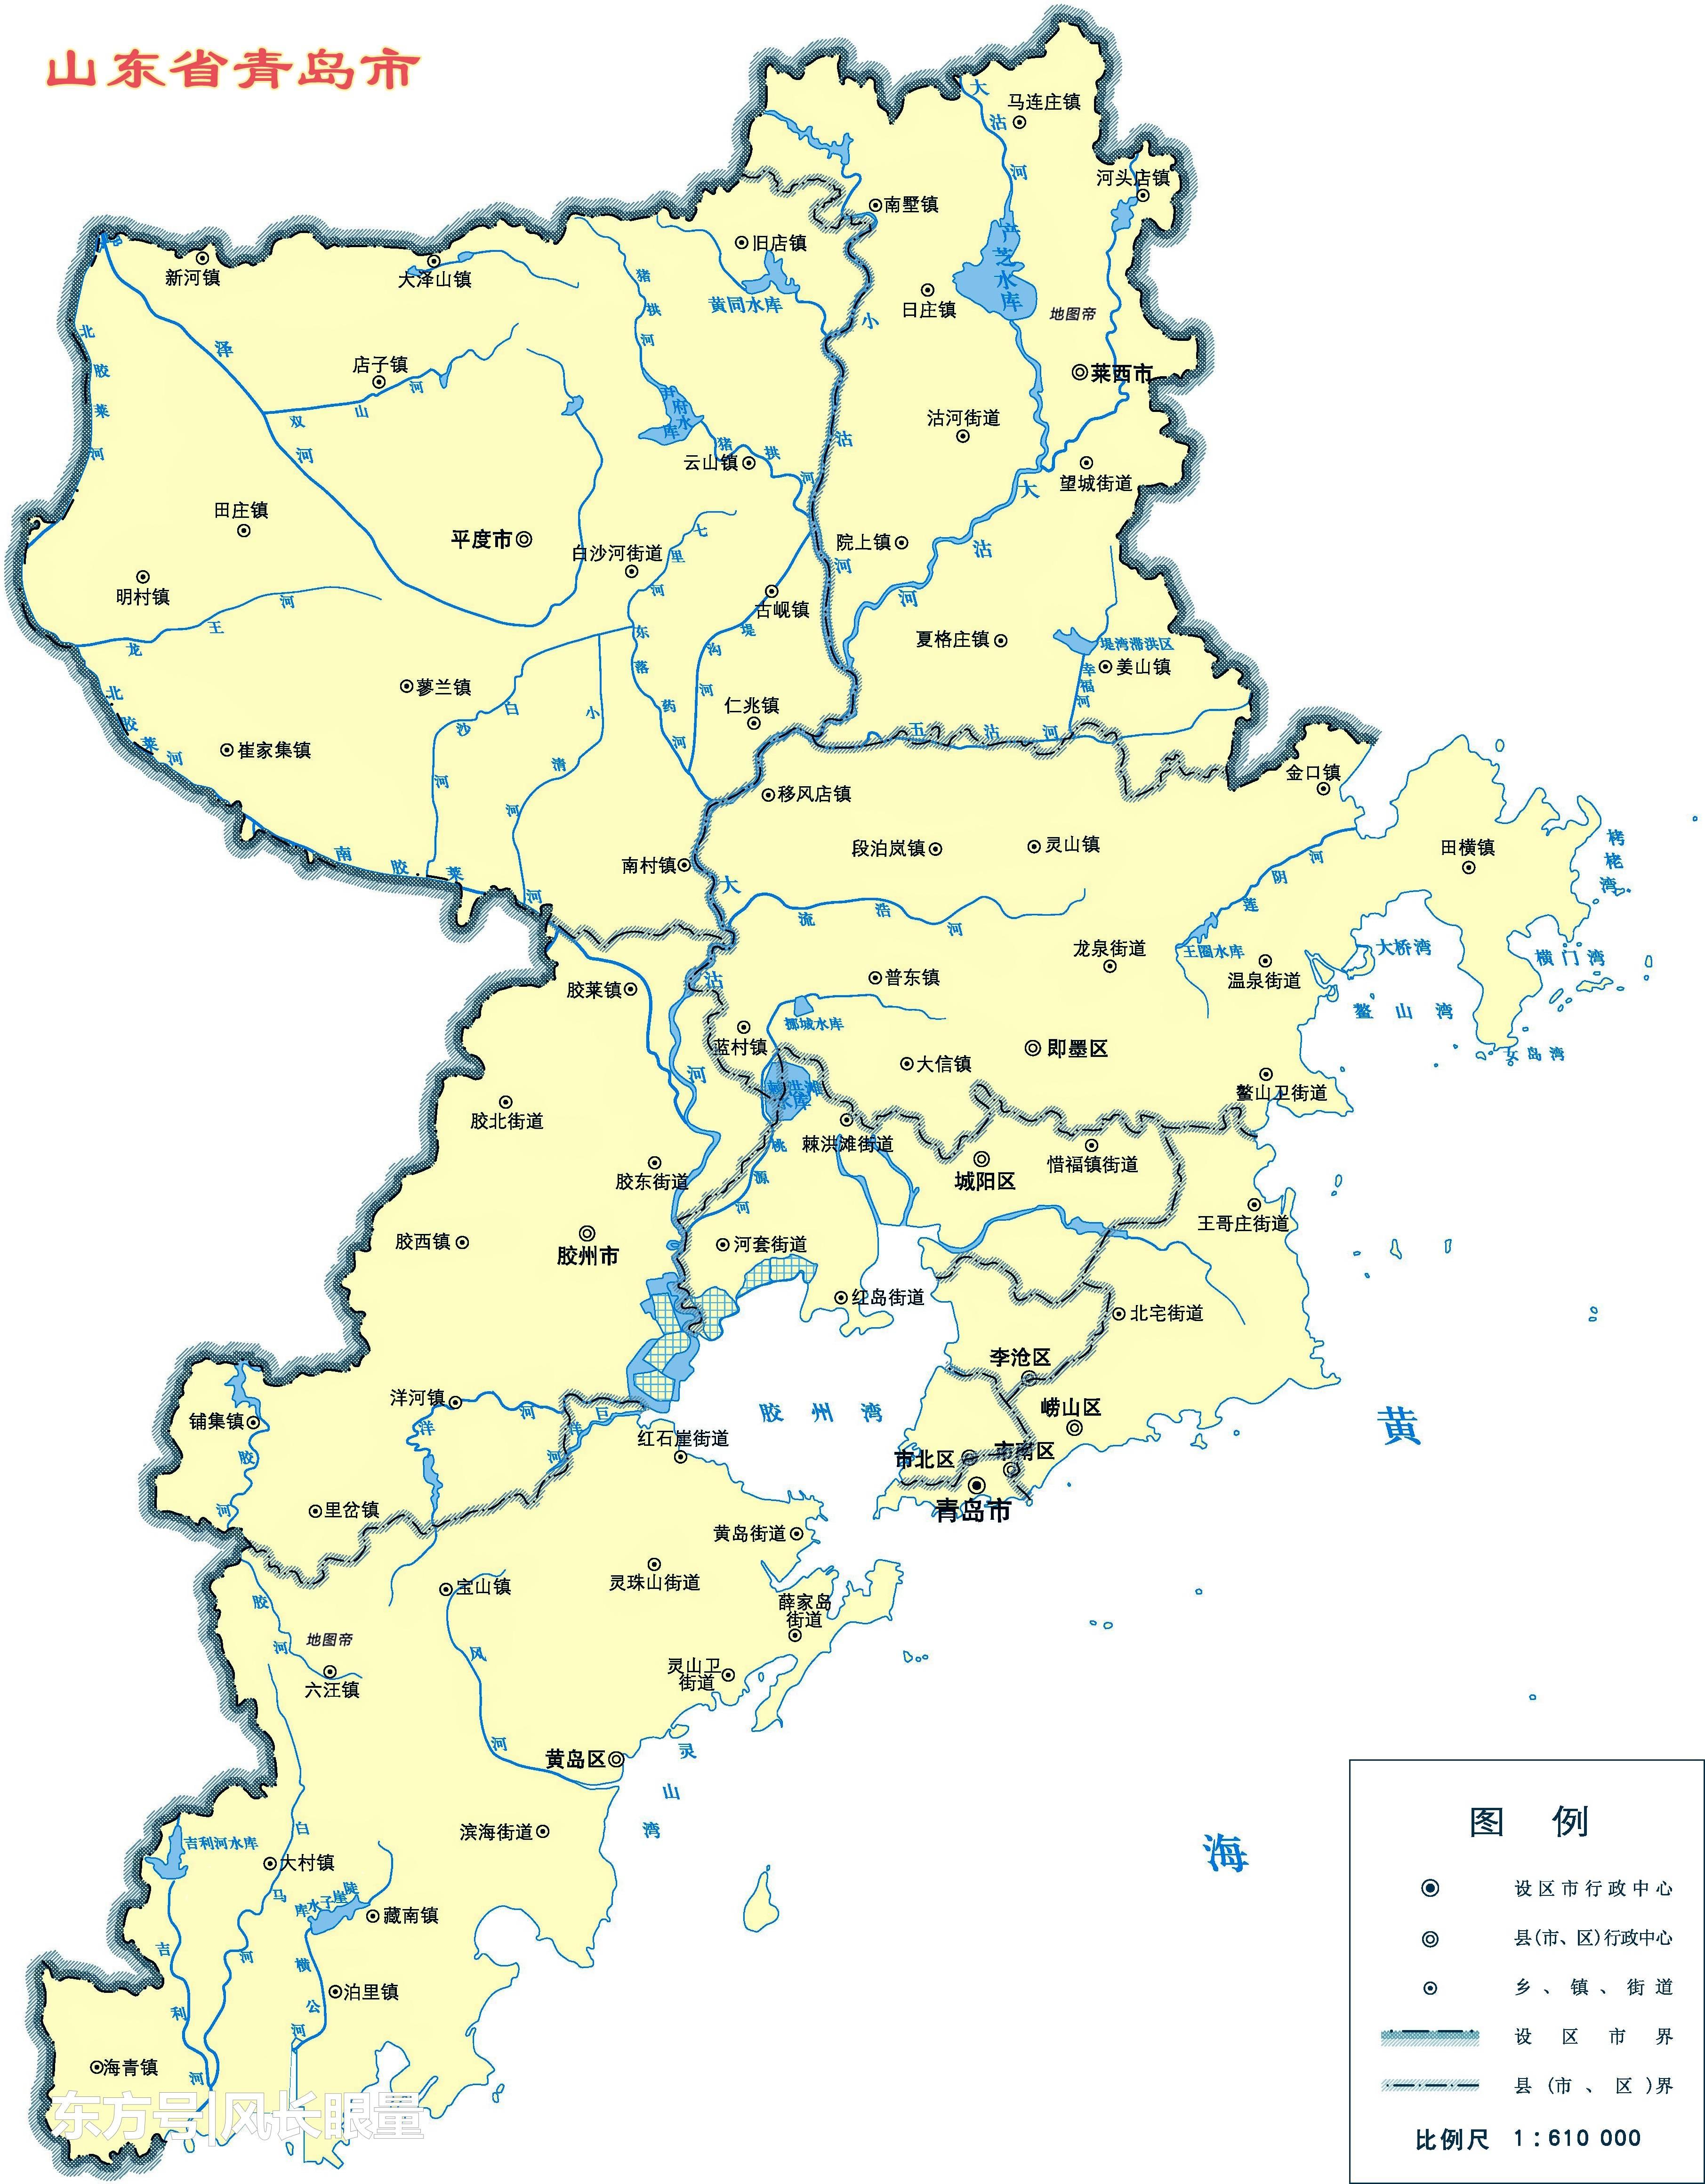 山东省17市地图合集之二